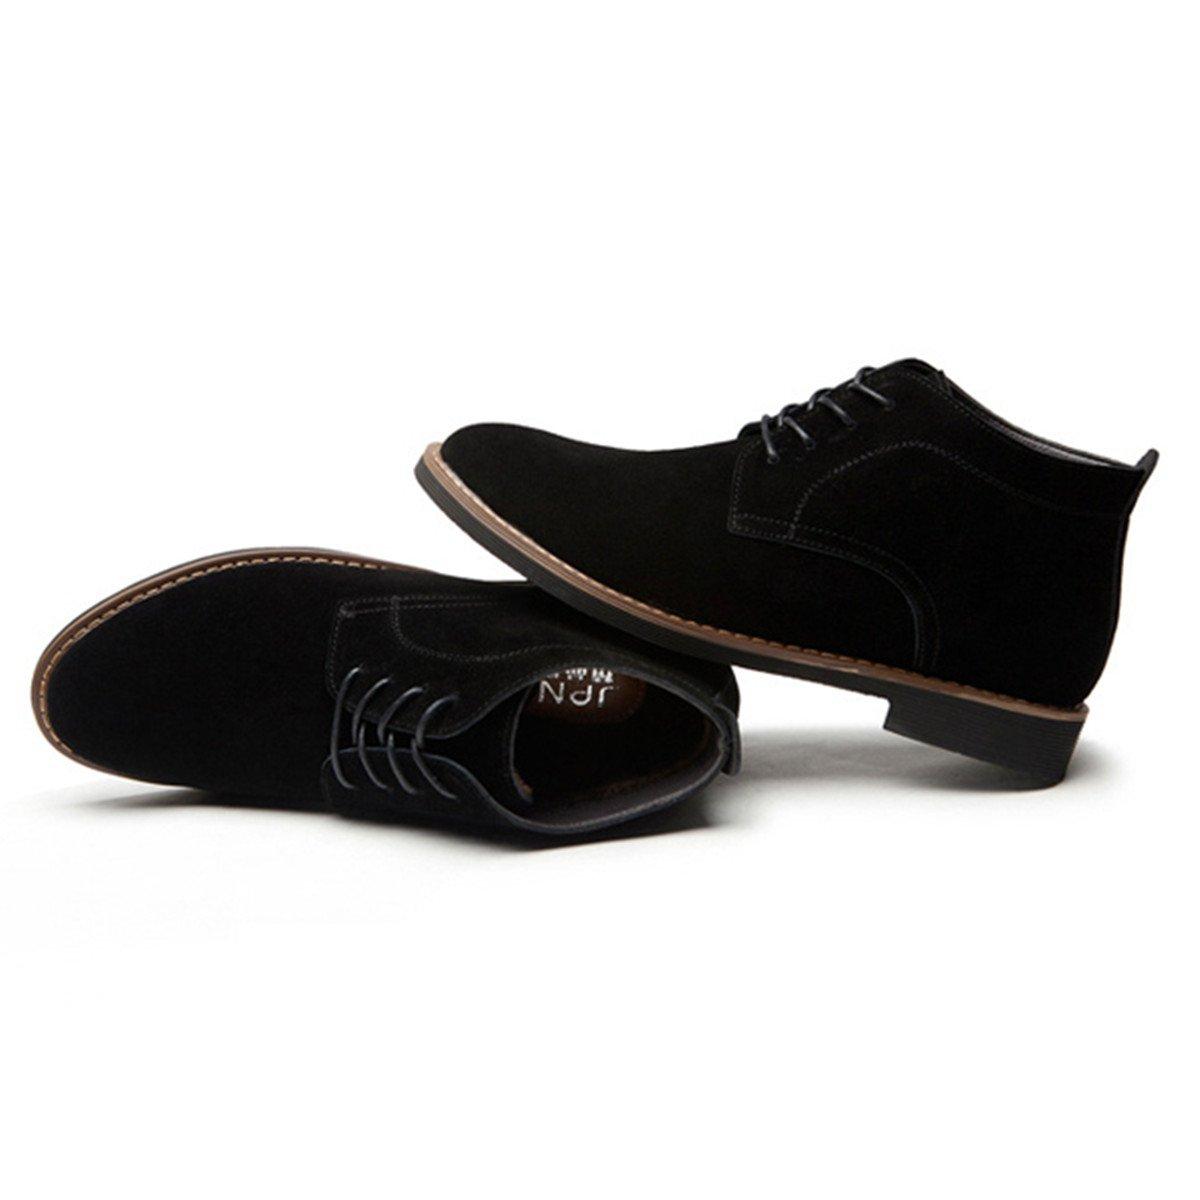 Botines de cuero para mujer, Gracosy Invierno Suede Zapatos Casual Desert Boots Mocasines Flat Lace up estilo británic Plano Zapatos Botines Calentar Botas ...